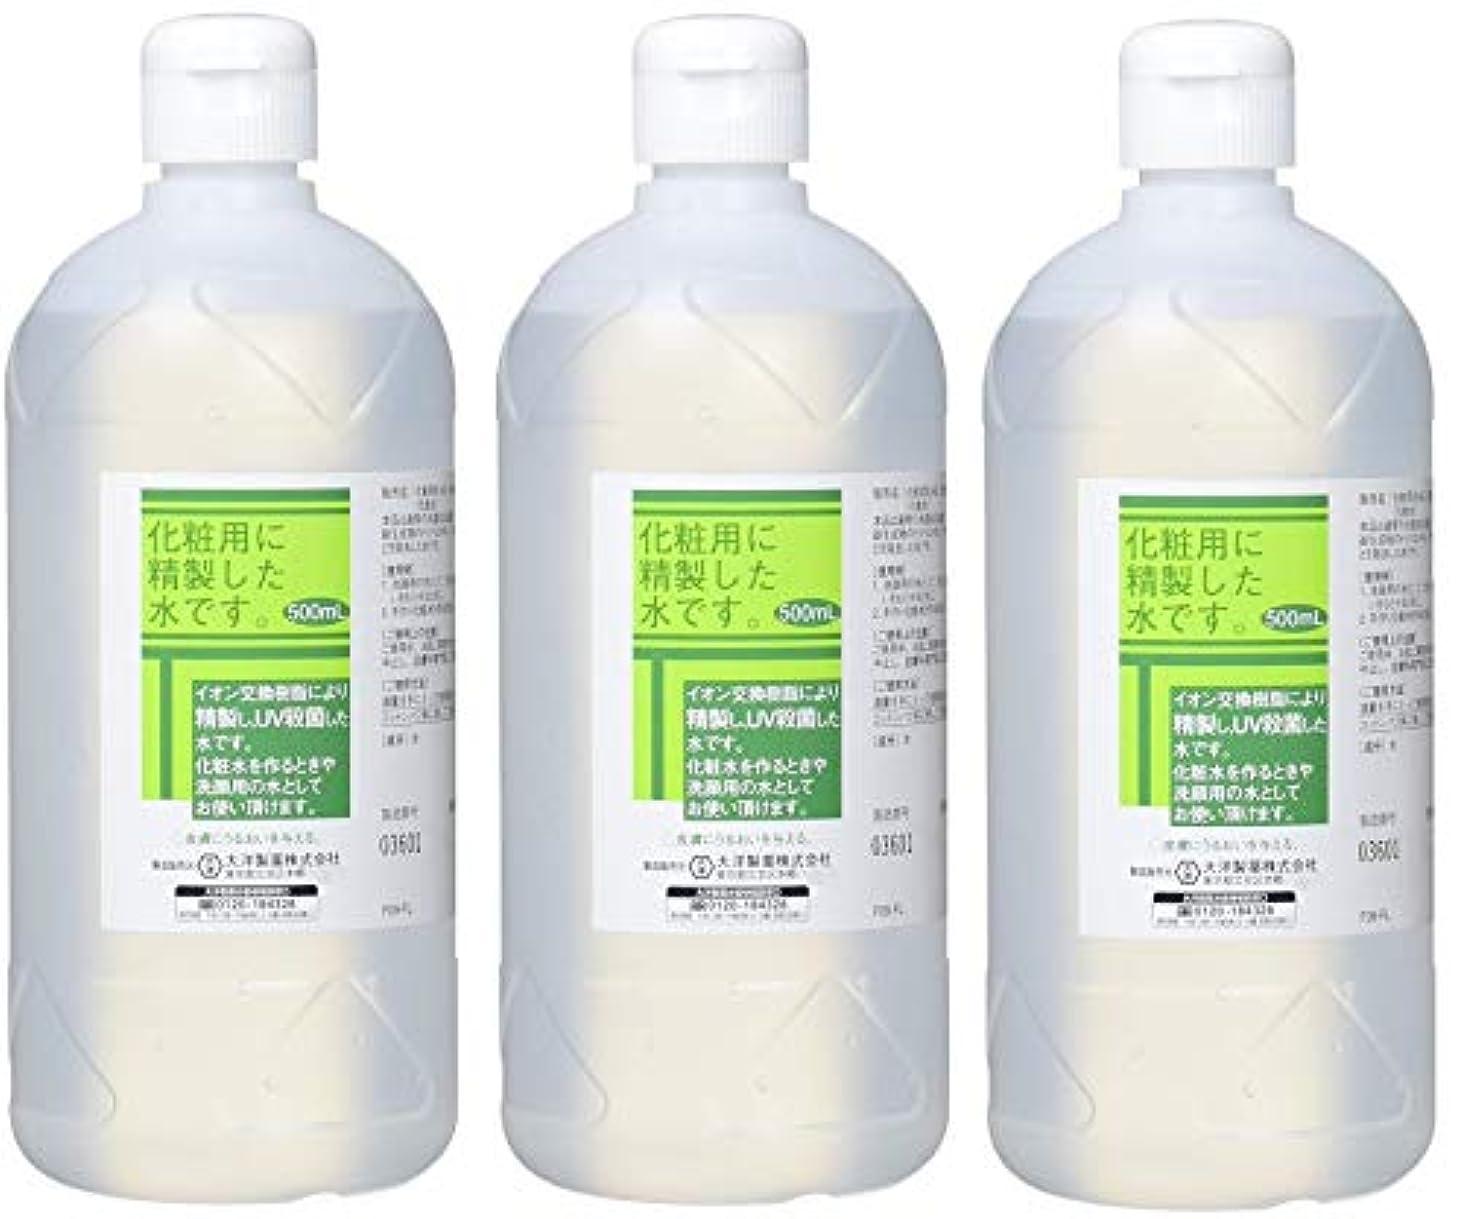 劇場レンダー算術大洋製薬 化粧用水 500ML【3個セット】